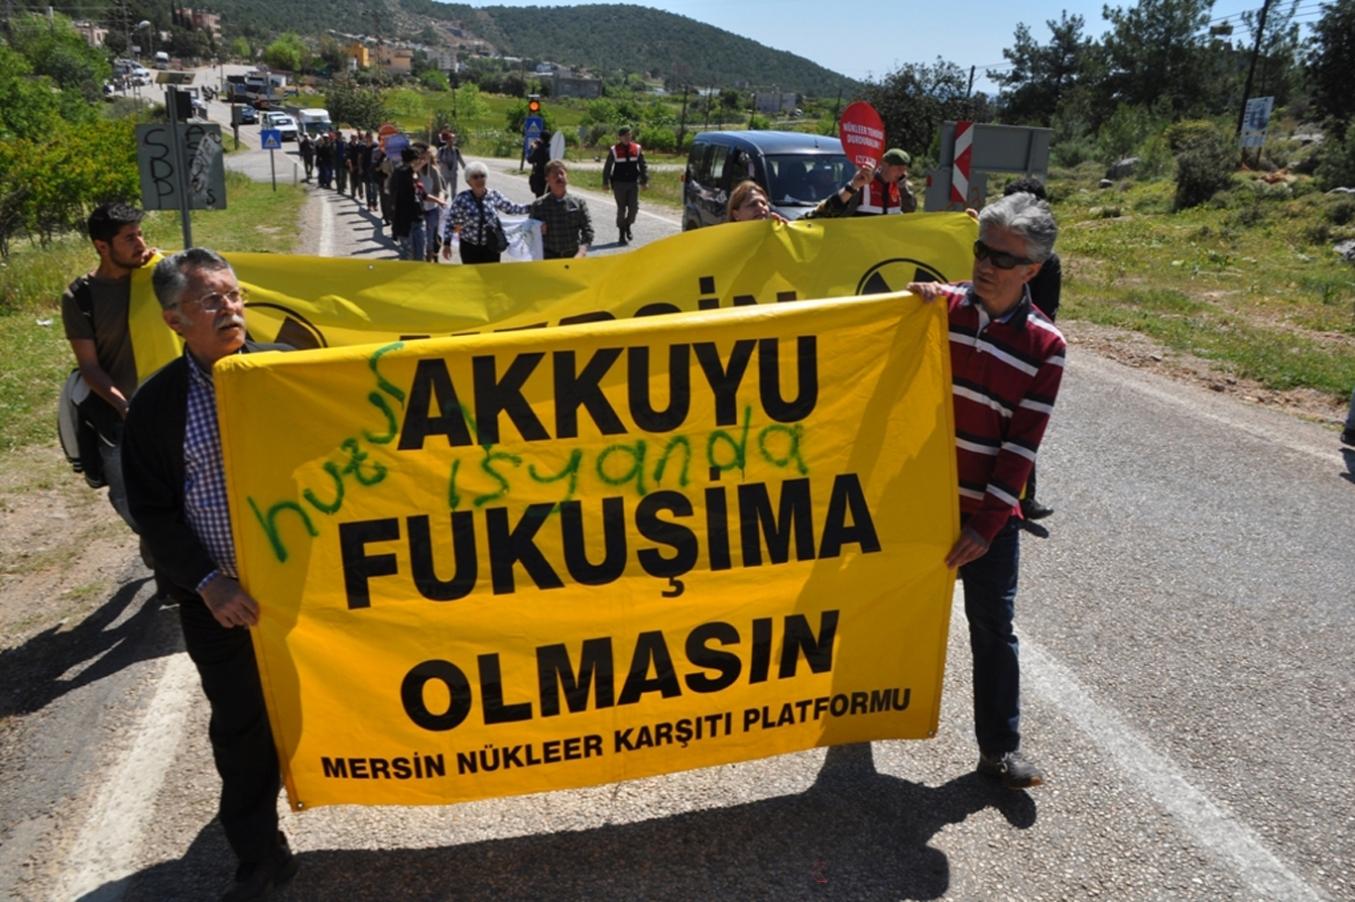 Ekoloji Birliği: Nükleer inşaatı durdurulsun, santralden vazgeçilsin!